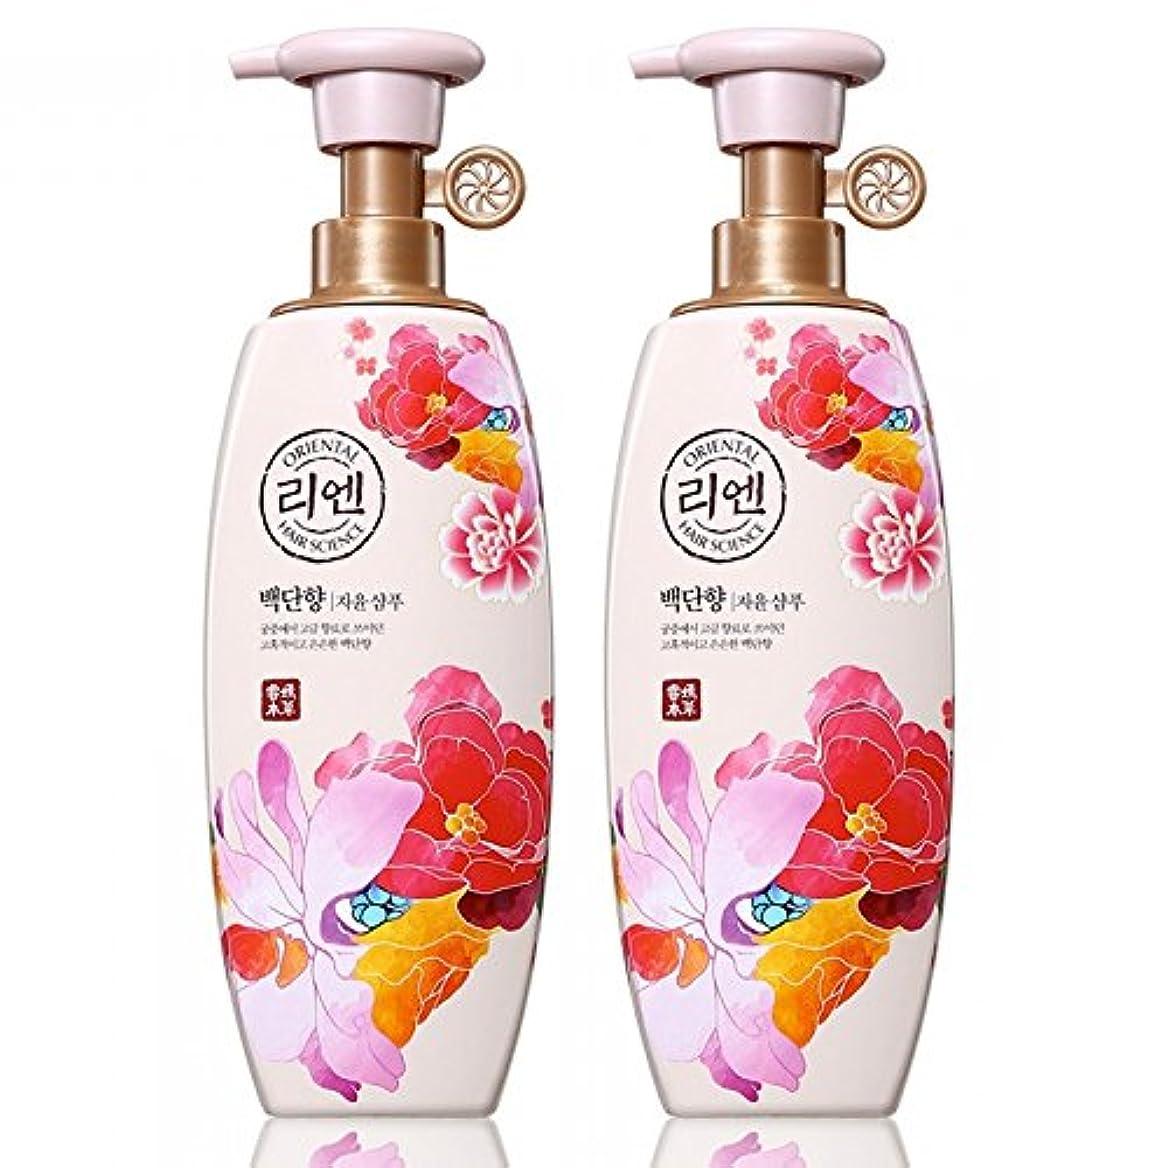 影響力のあるクラック高さ(ReEn)リエン ビャクダンシャンプー( Baekdanhyang Shampoo) 500ml x 2本 [並行輸入品]